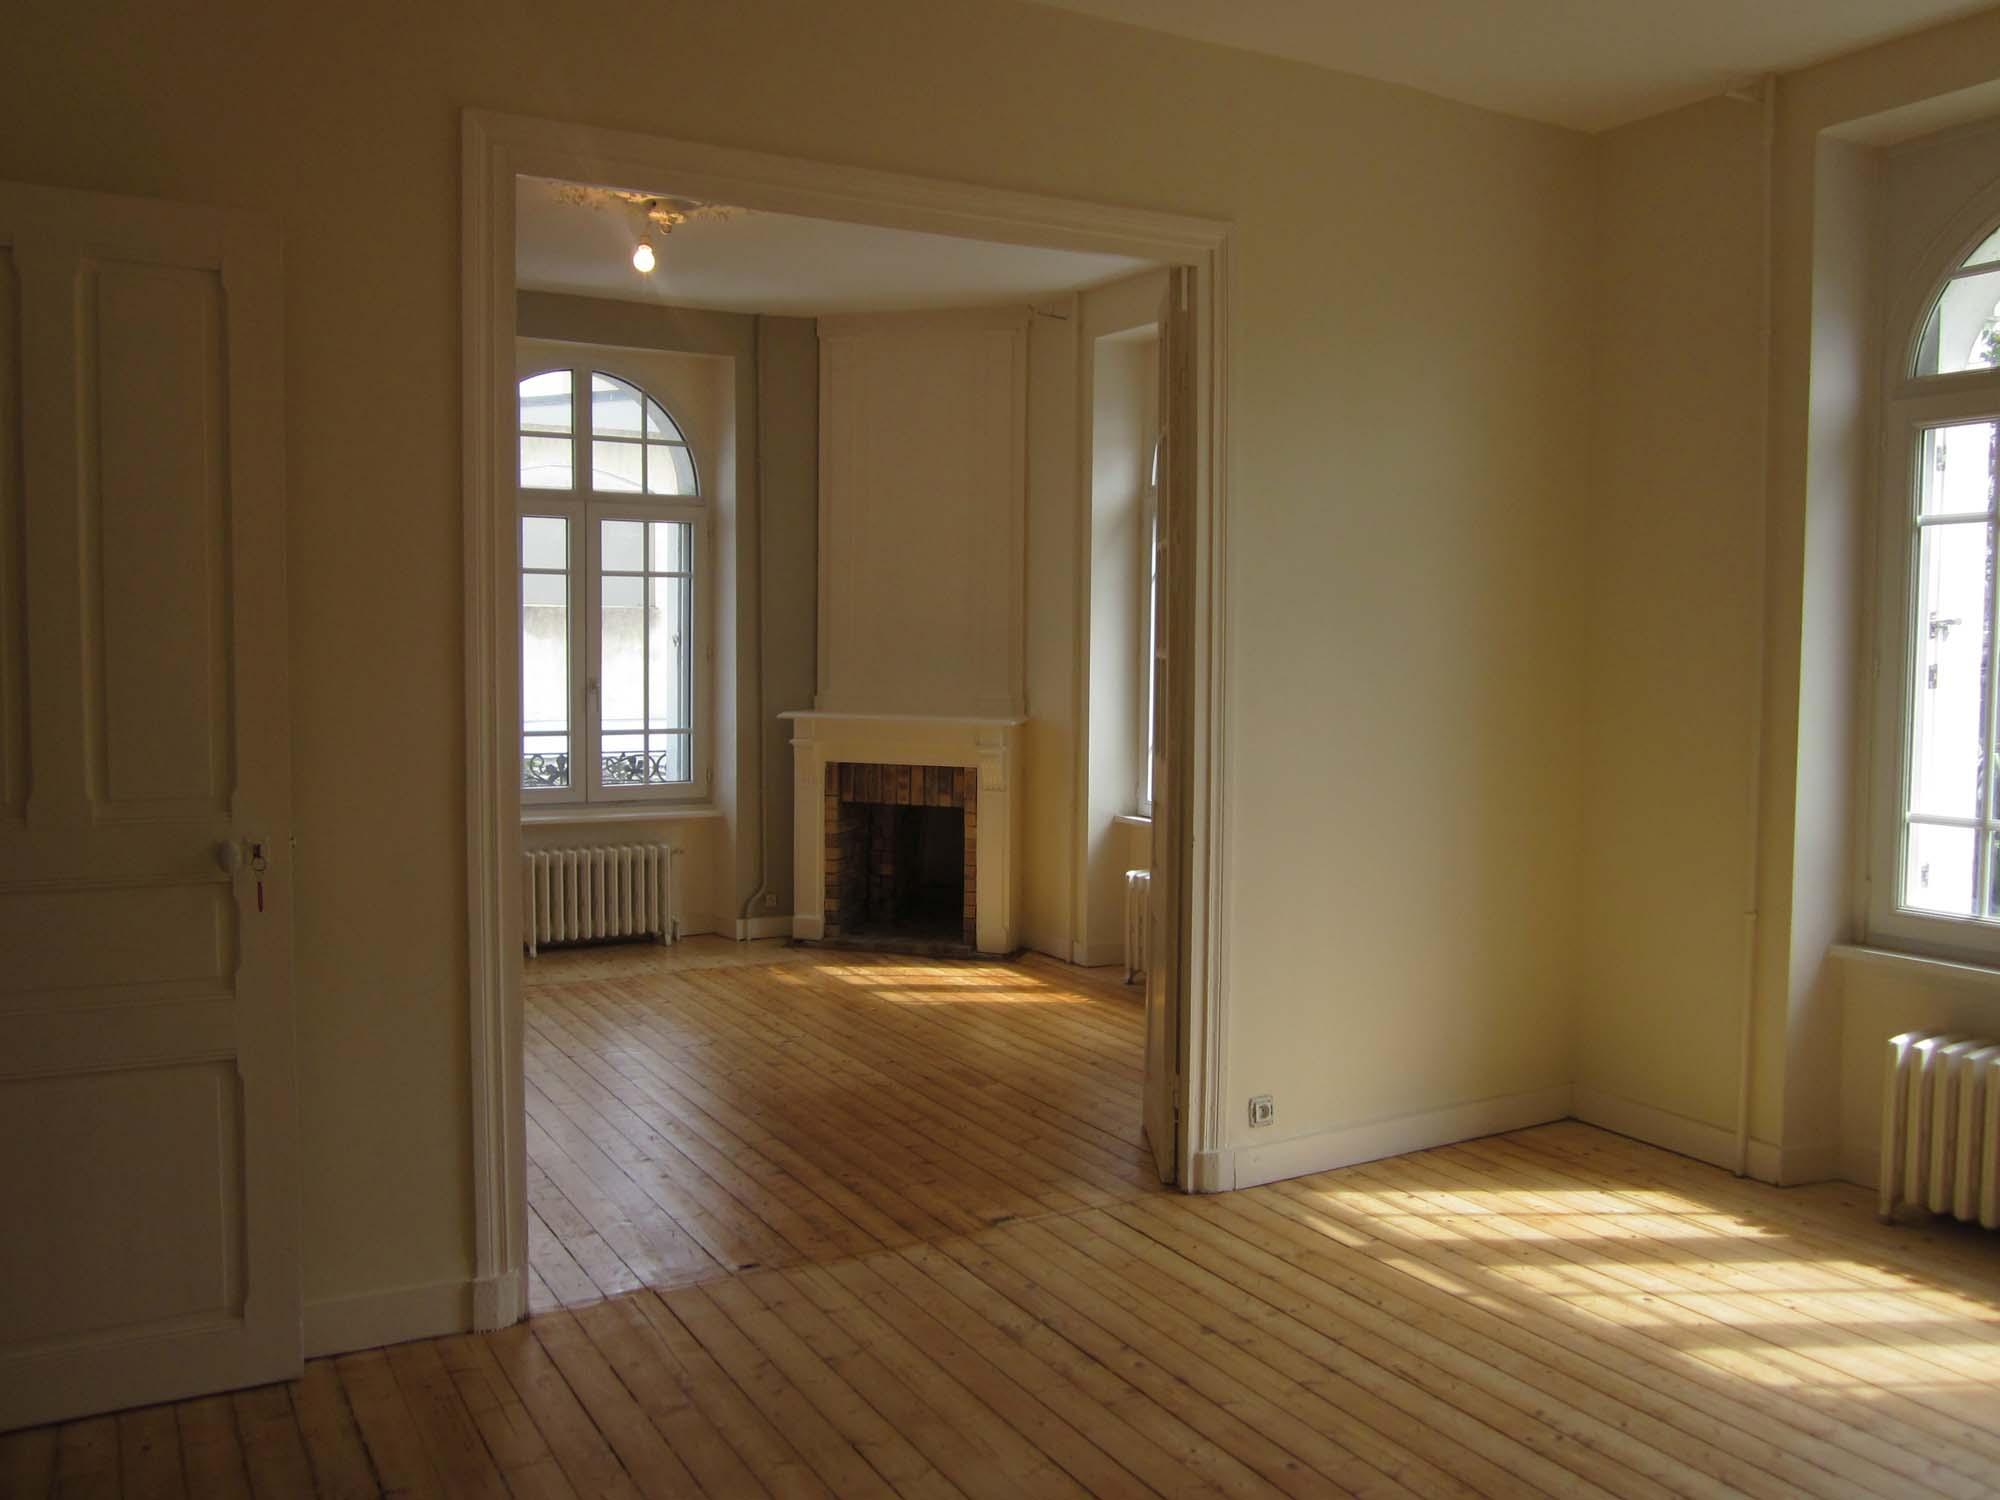 Home staging brest peinture et d coration d coratrice brest vaness - Deco sejour peinture ...